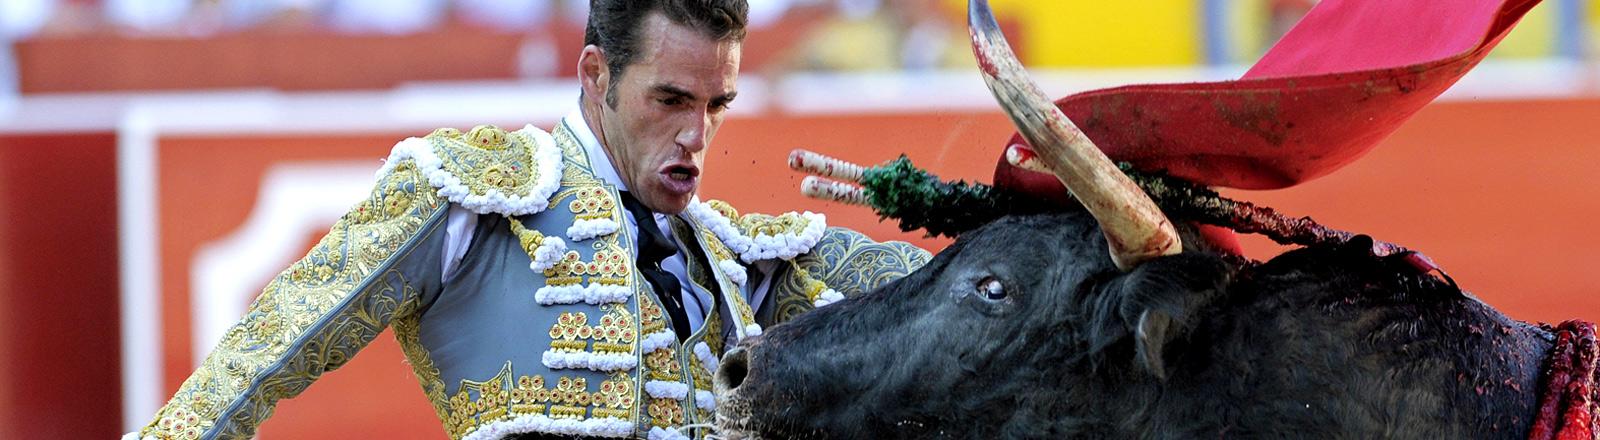 Ein Torero und ein Stier im Kampf in einer Arena.